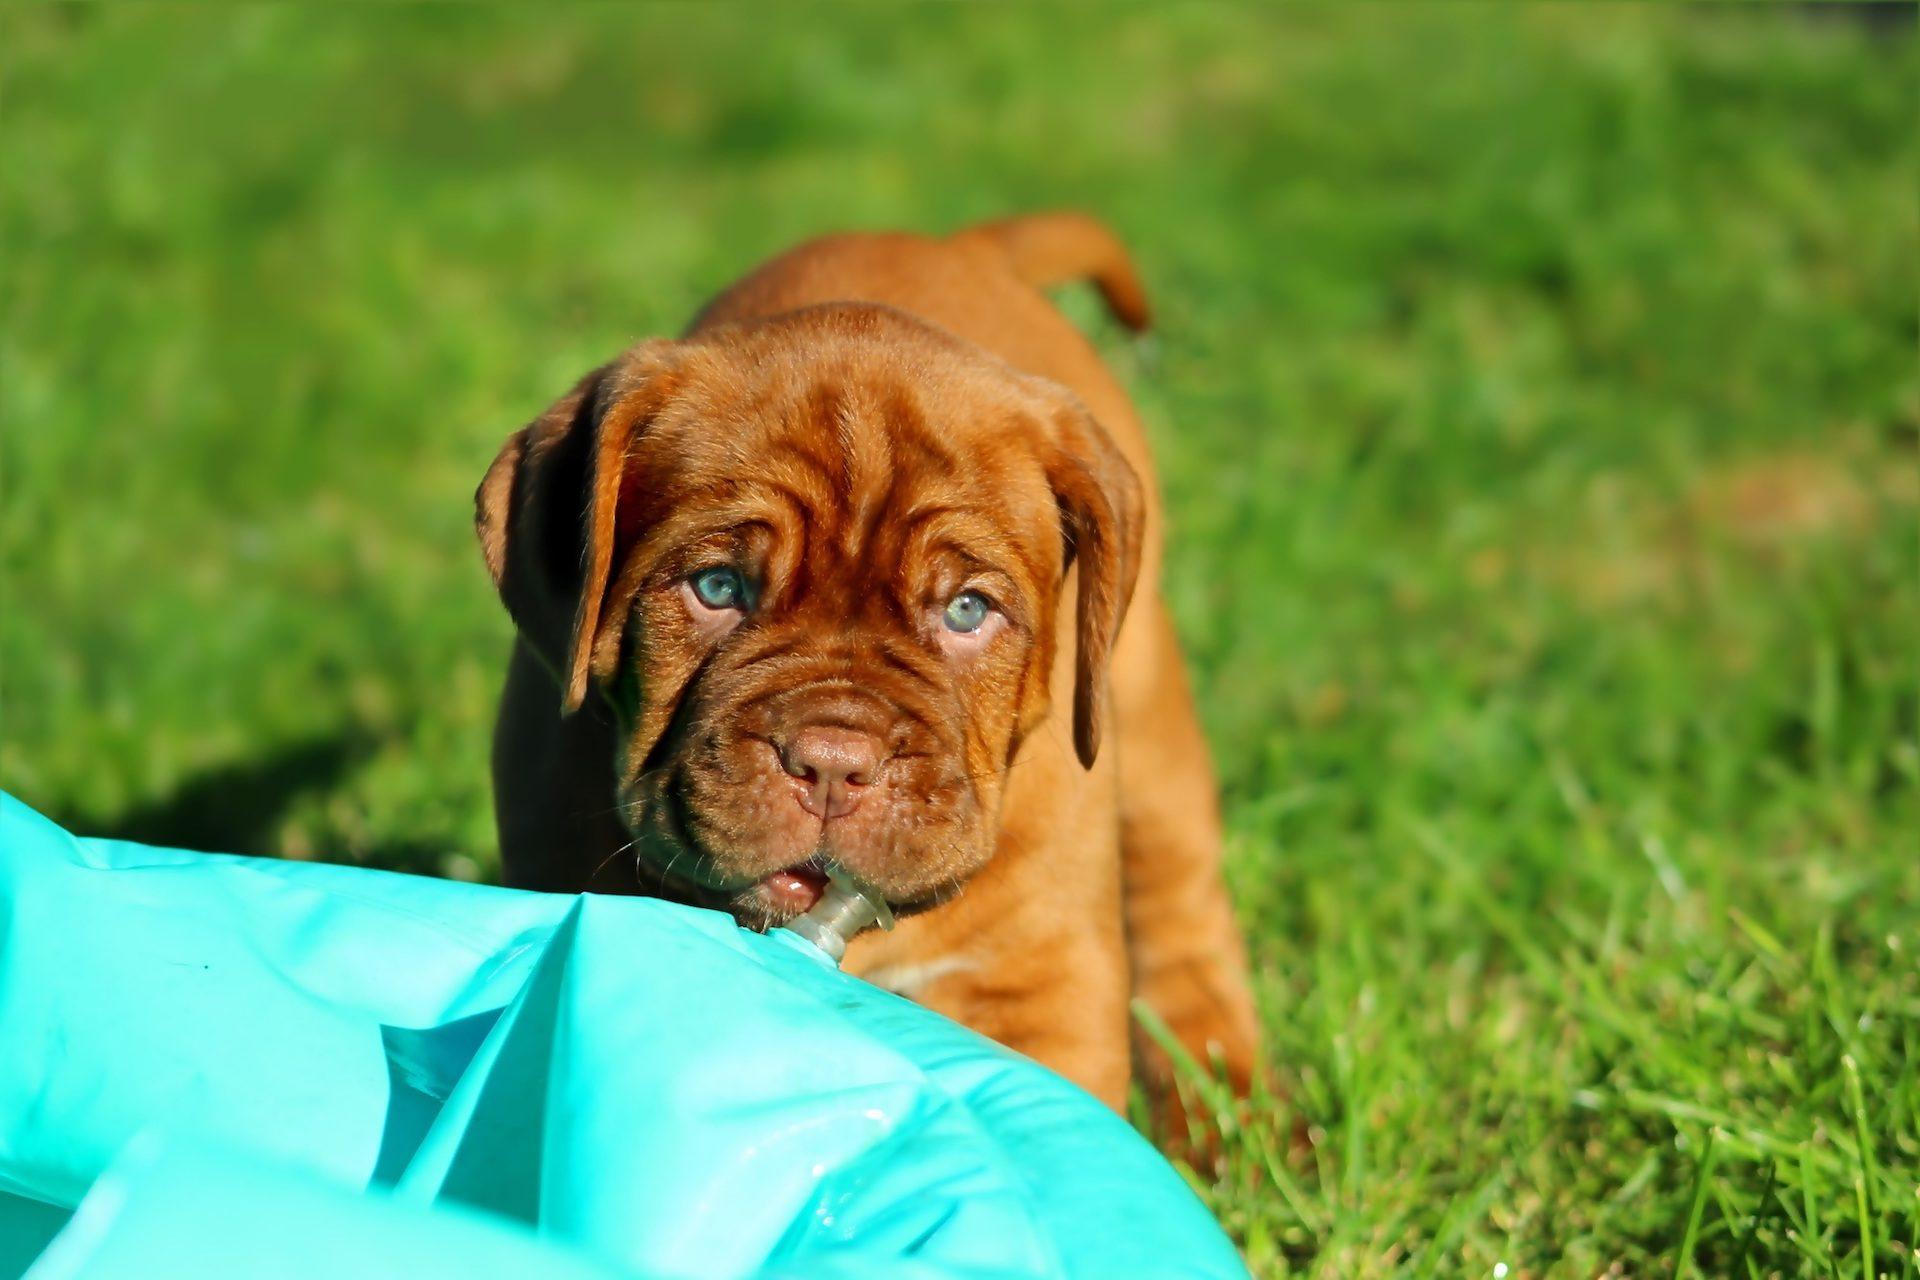 狗, 小狗, 杜高, 波尔多, 宠物, 花园 - 高清壁纸 - 教授-falken.com